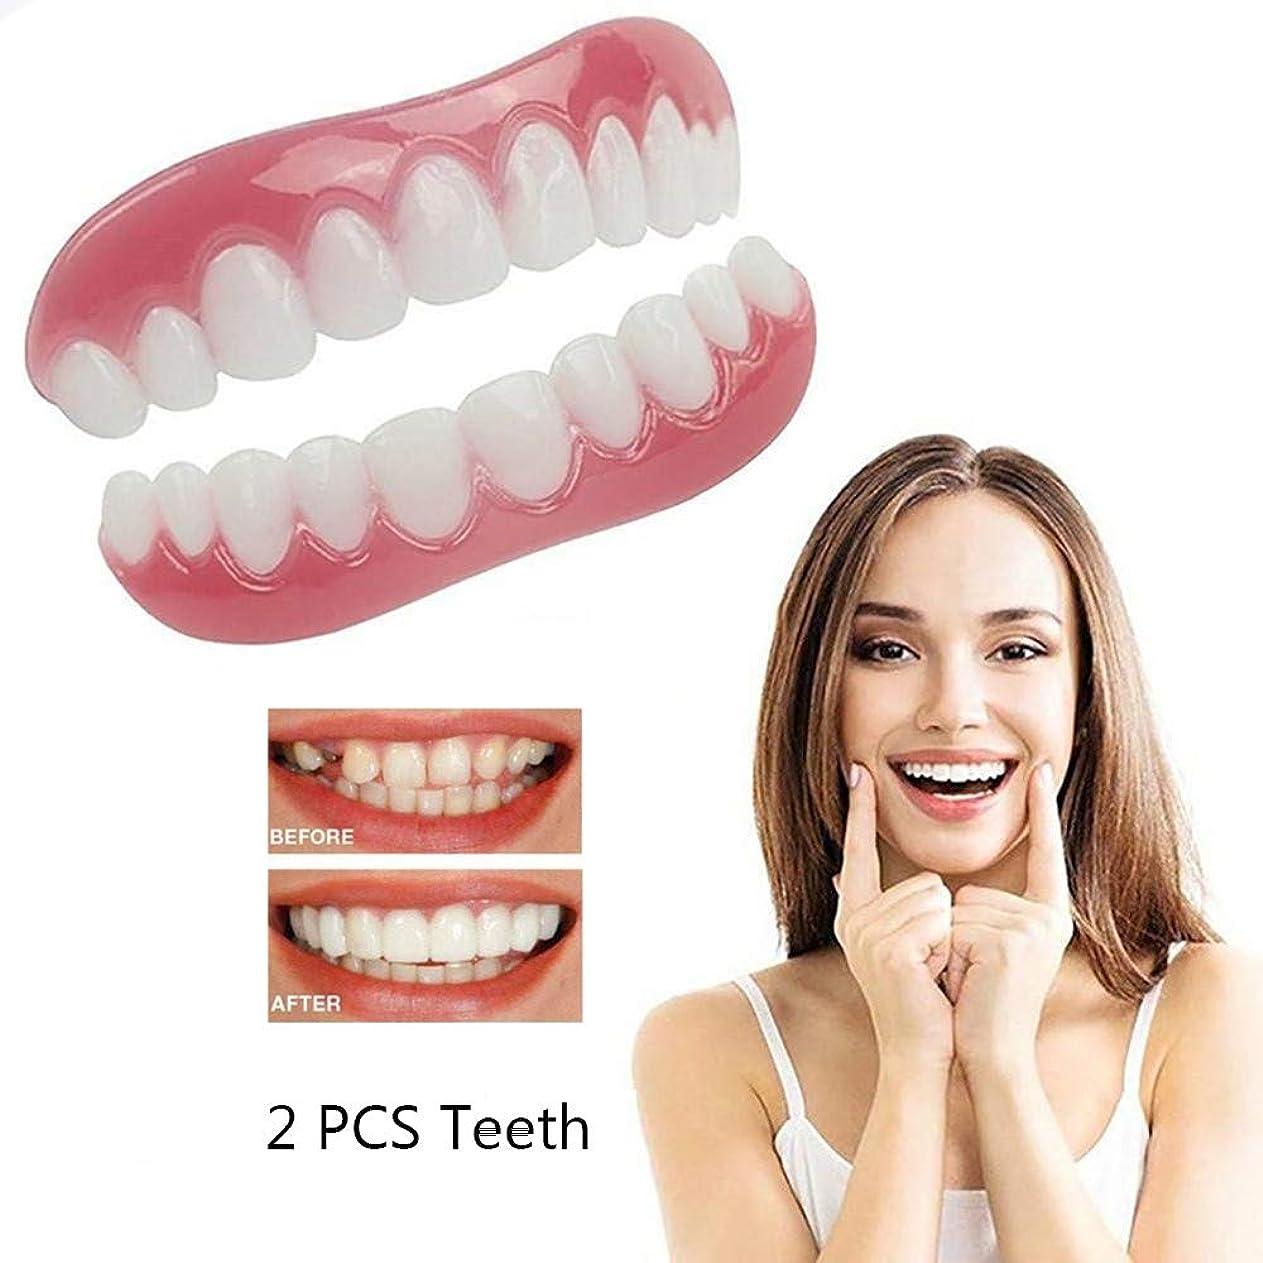 適性苦しみ少ない化粧品の歯のホワイトニングパーフェクトフィットスナップオンスマイルトップとボトムの偽歯インスタントプロテーゼスマイルコンフォートフィットフレックスオーラルケア